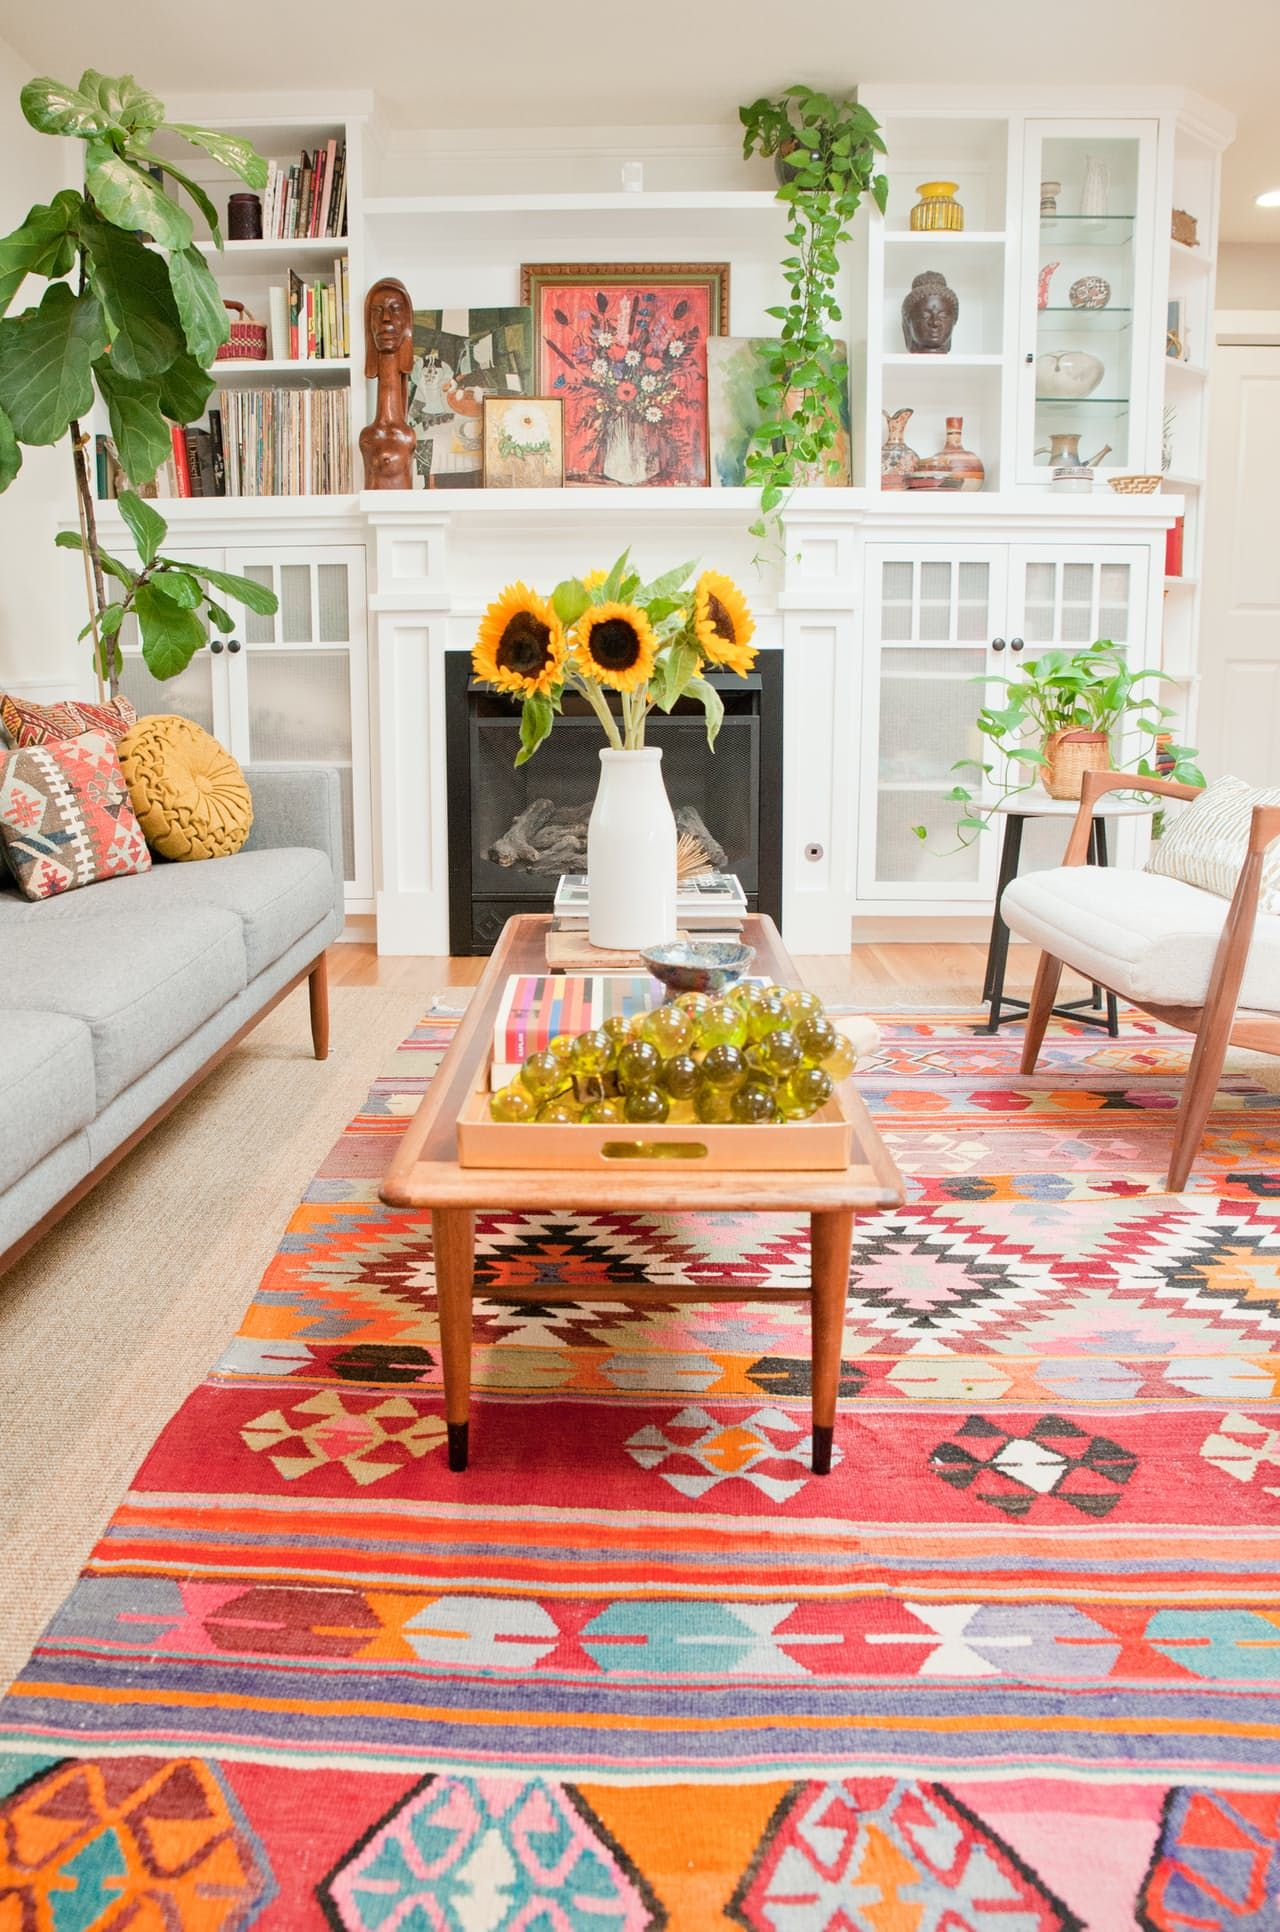 Innenarchitektur wohnzimmer für kleine wohnung house tour a cheery patterned oasis in california  carpets